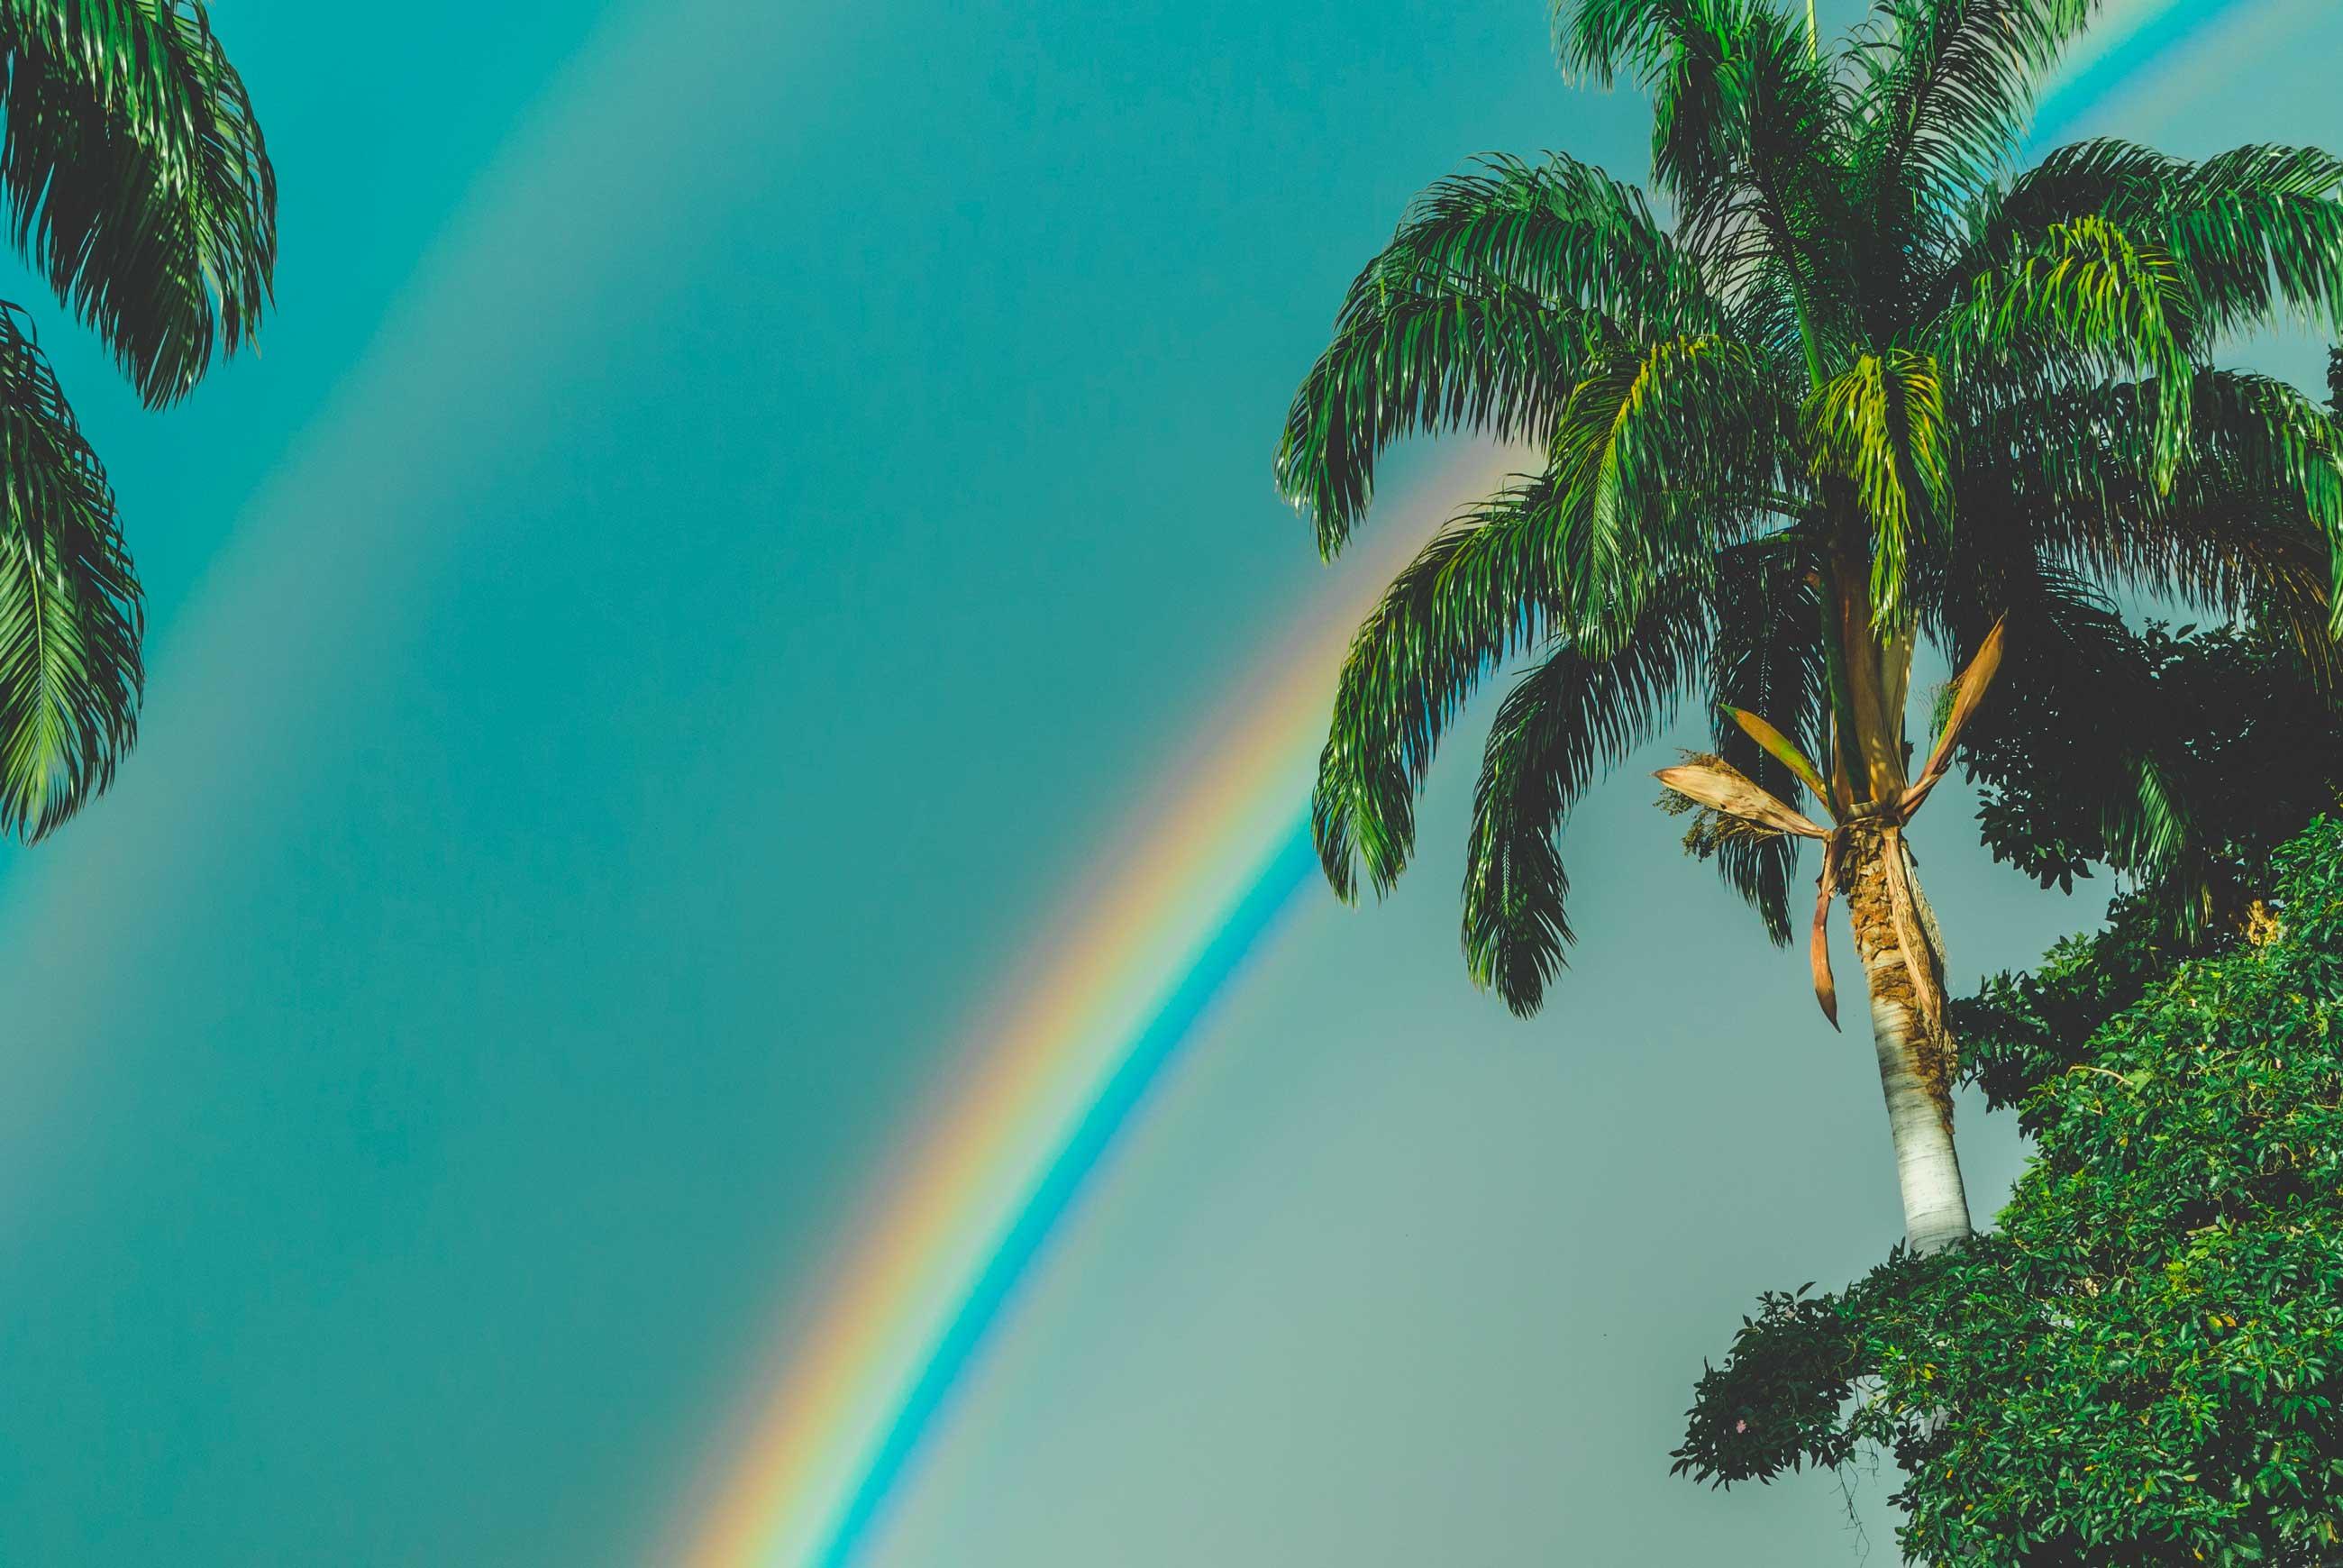 Le spectre de la lumière D65 est indispensable à la prise de couleur